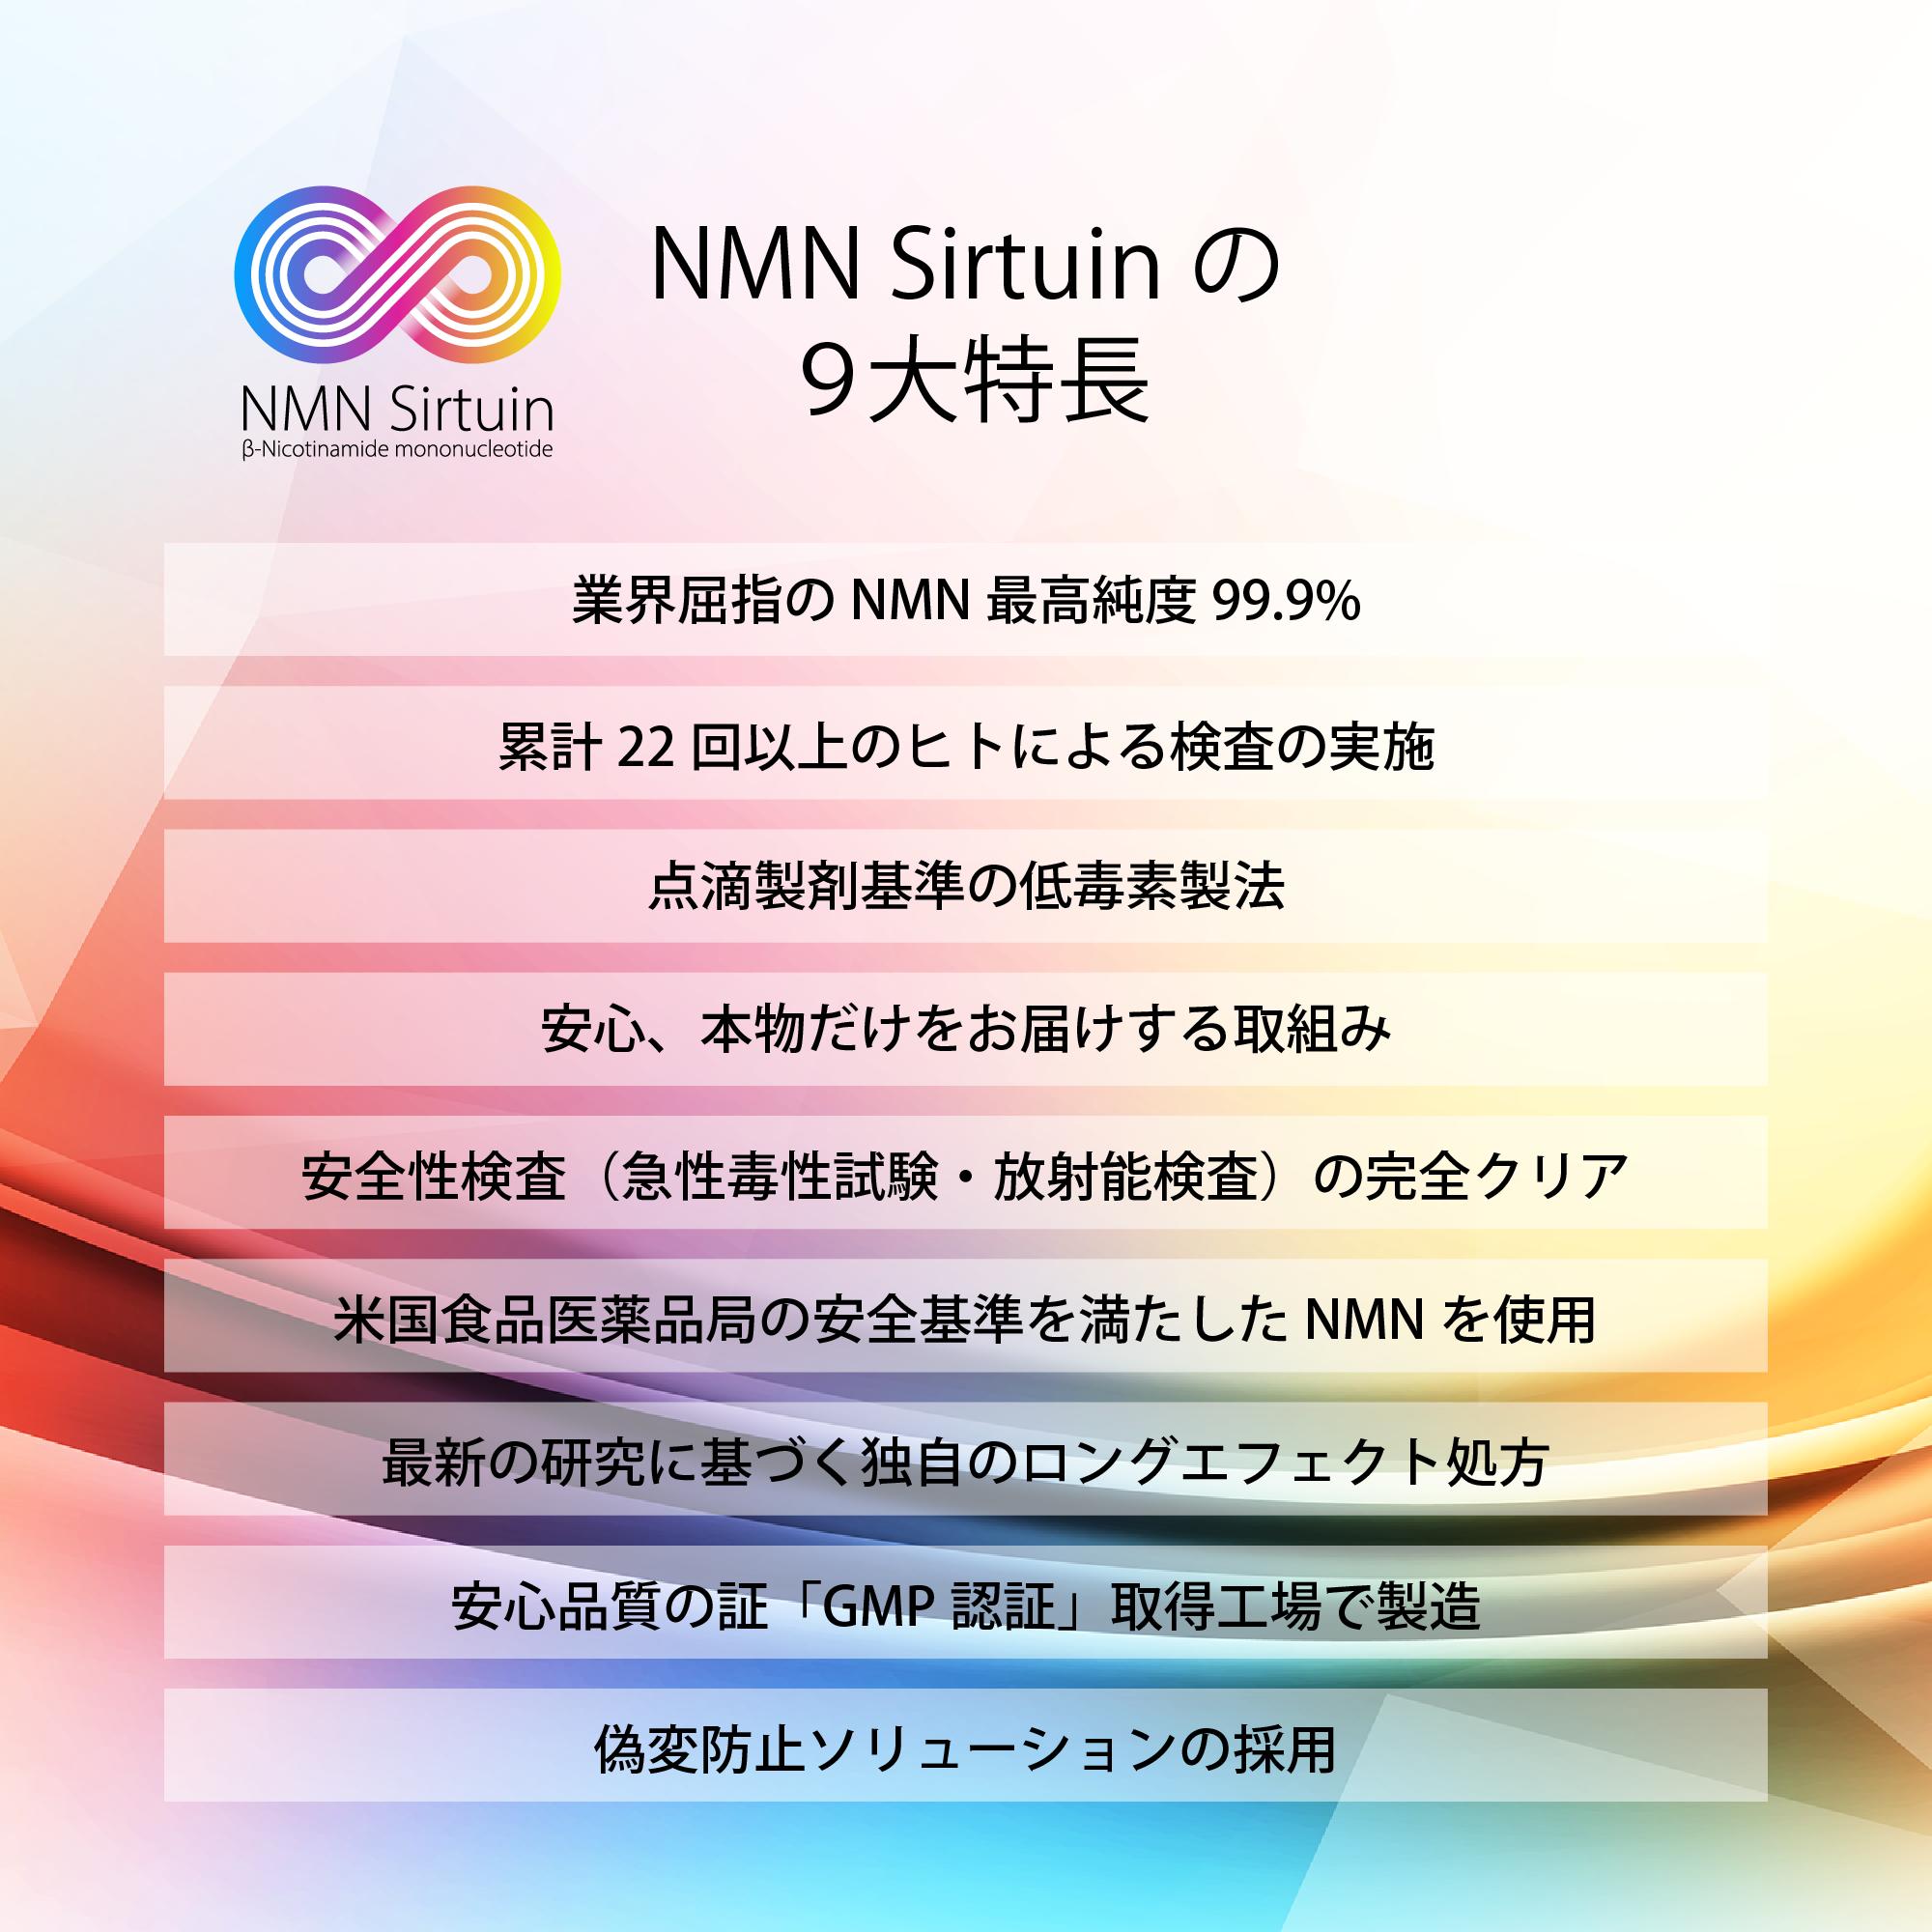 NMN Sirtuin(エヌエムエヌサーチュイン)の9大特長